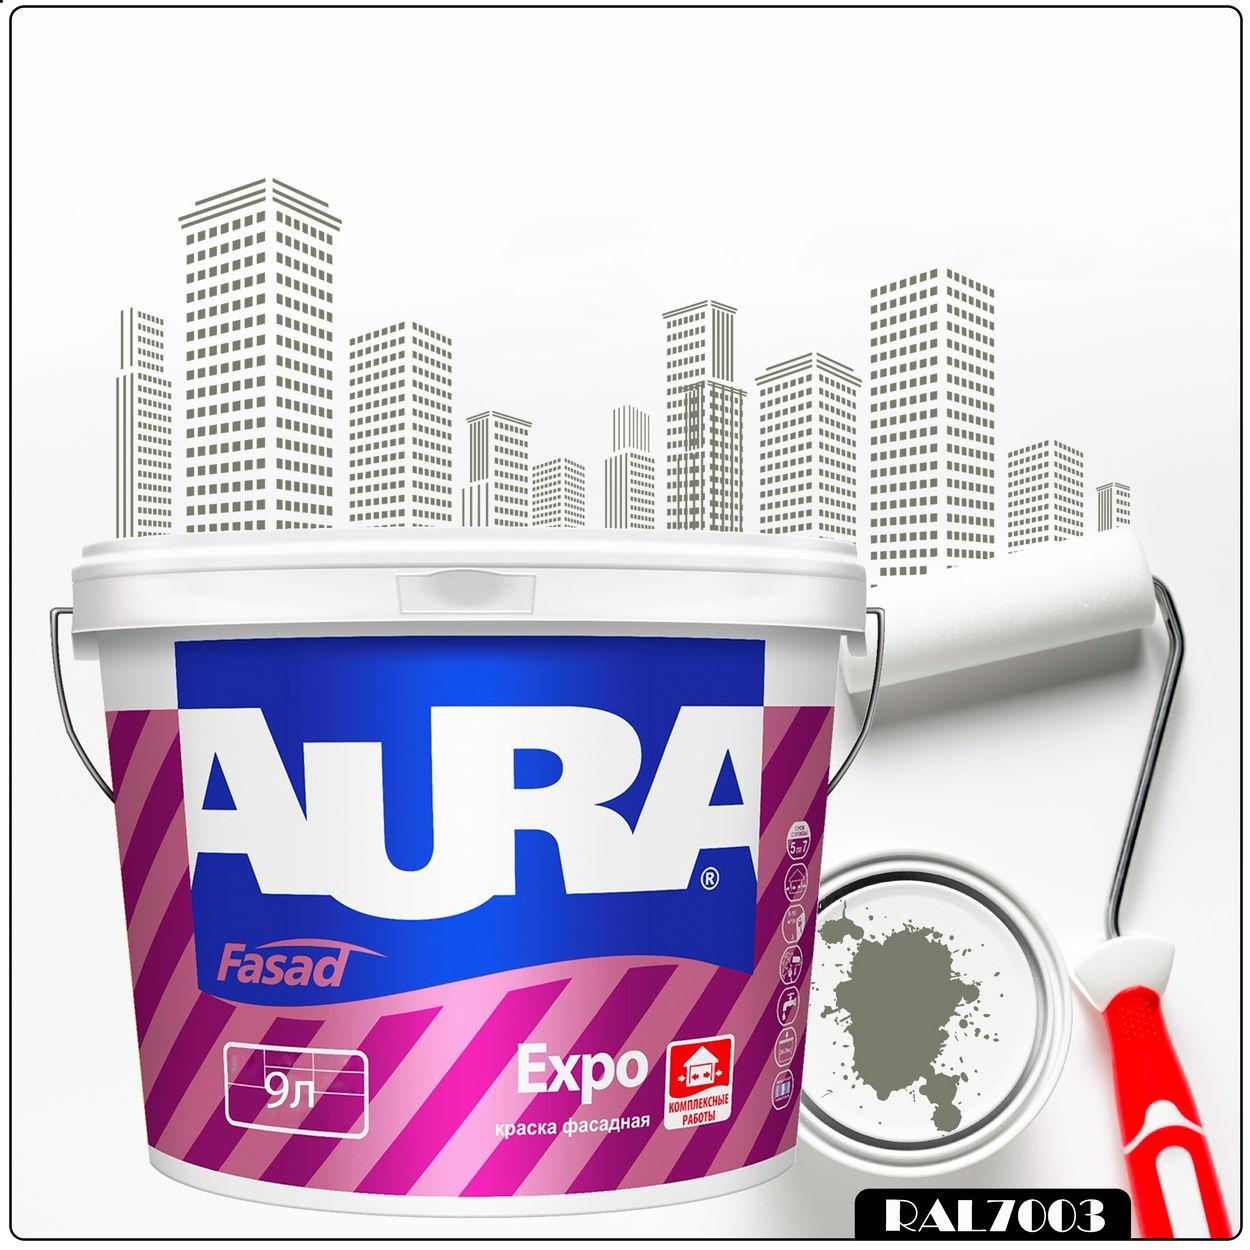 Фото 4 - Краска Aura Fasad Expo, RAL 7003 Серый-мох, матовая, для фасадов и помещений с повышенной влажностью, 9л.